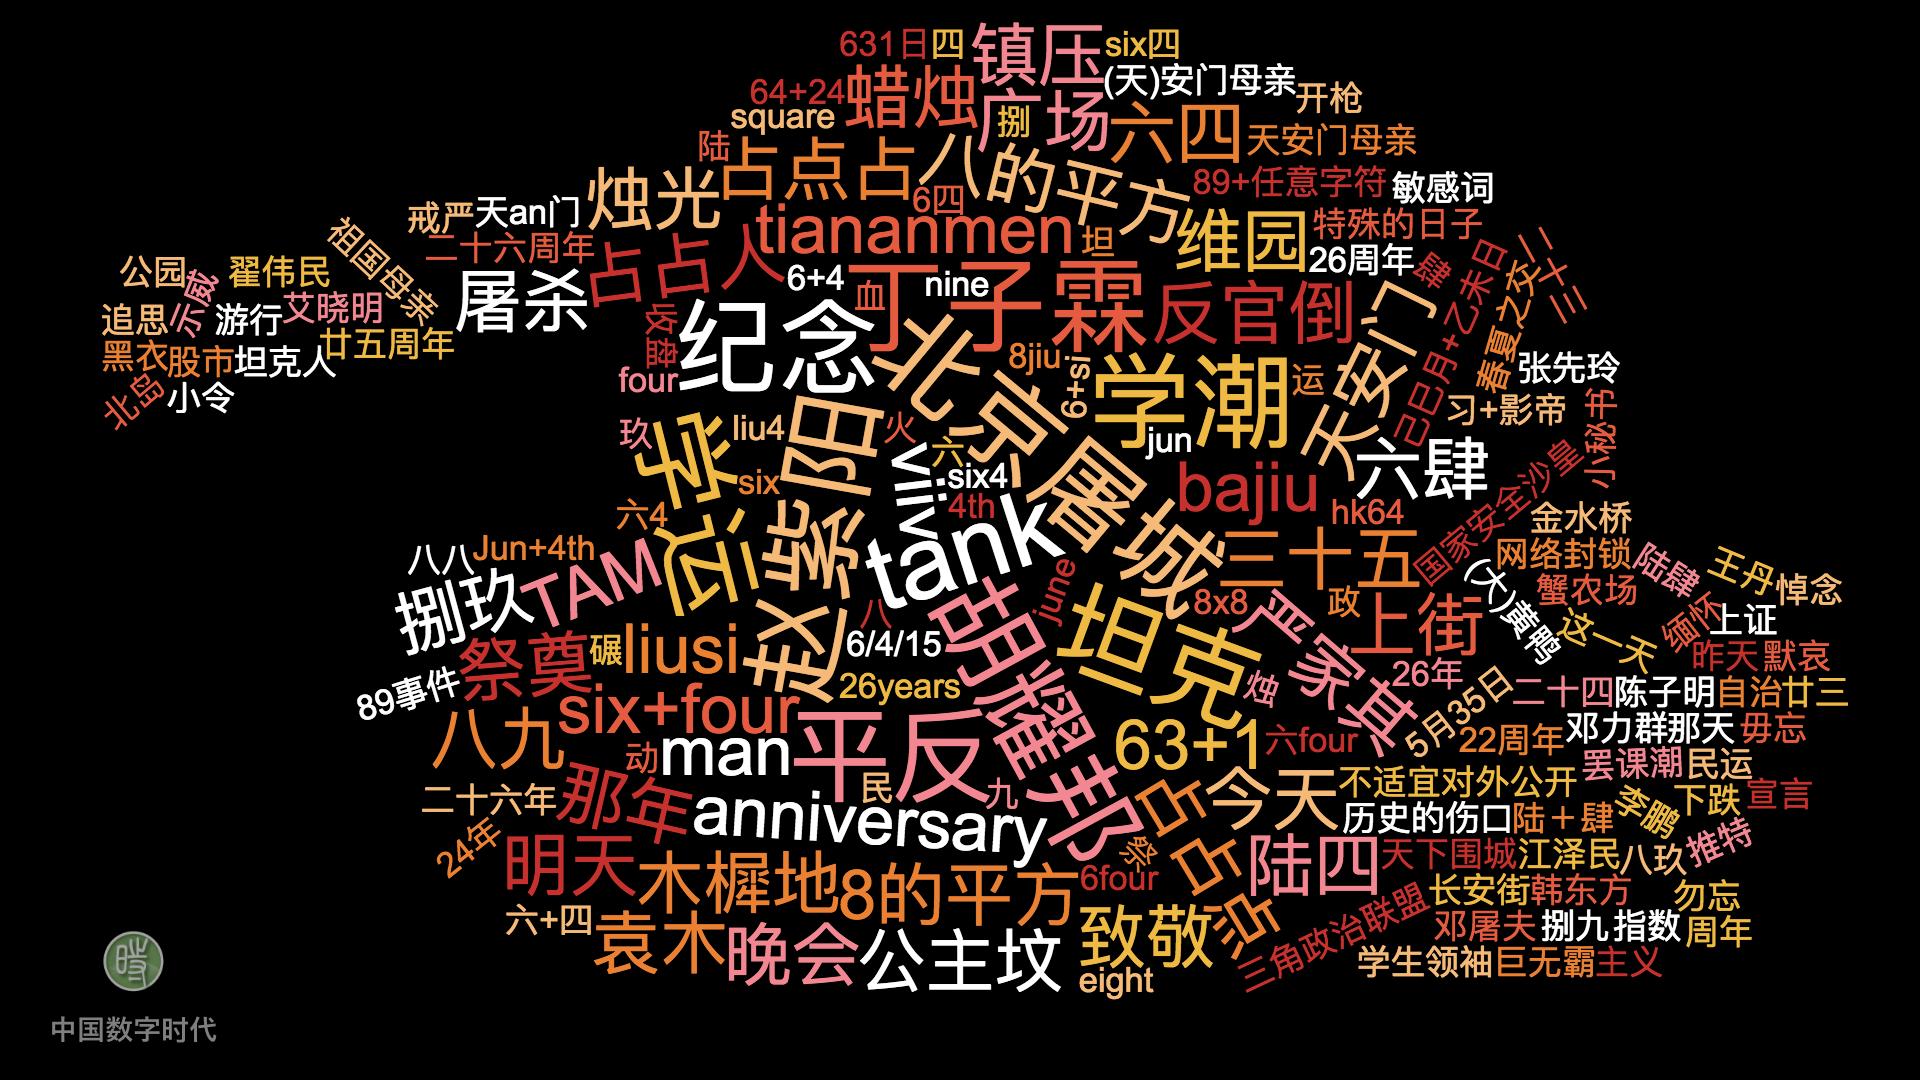 王丹:我们要如何纪念六四30周年?